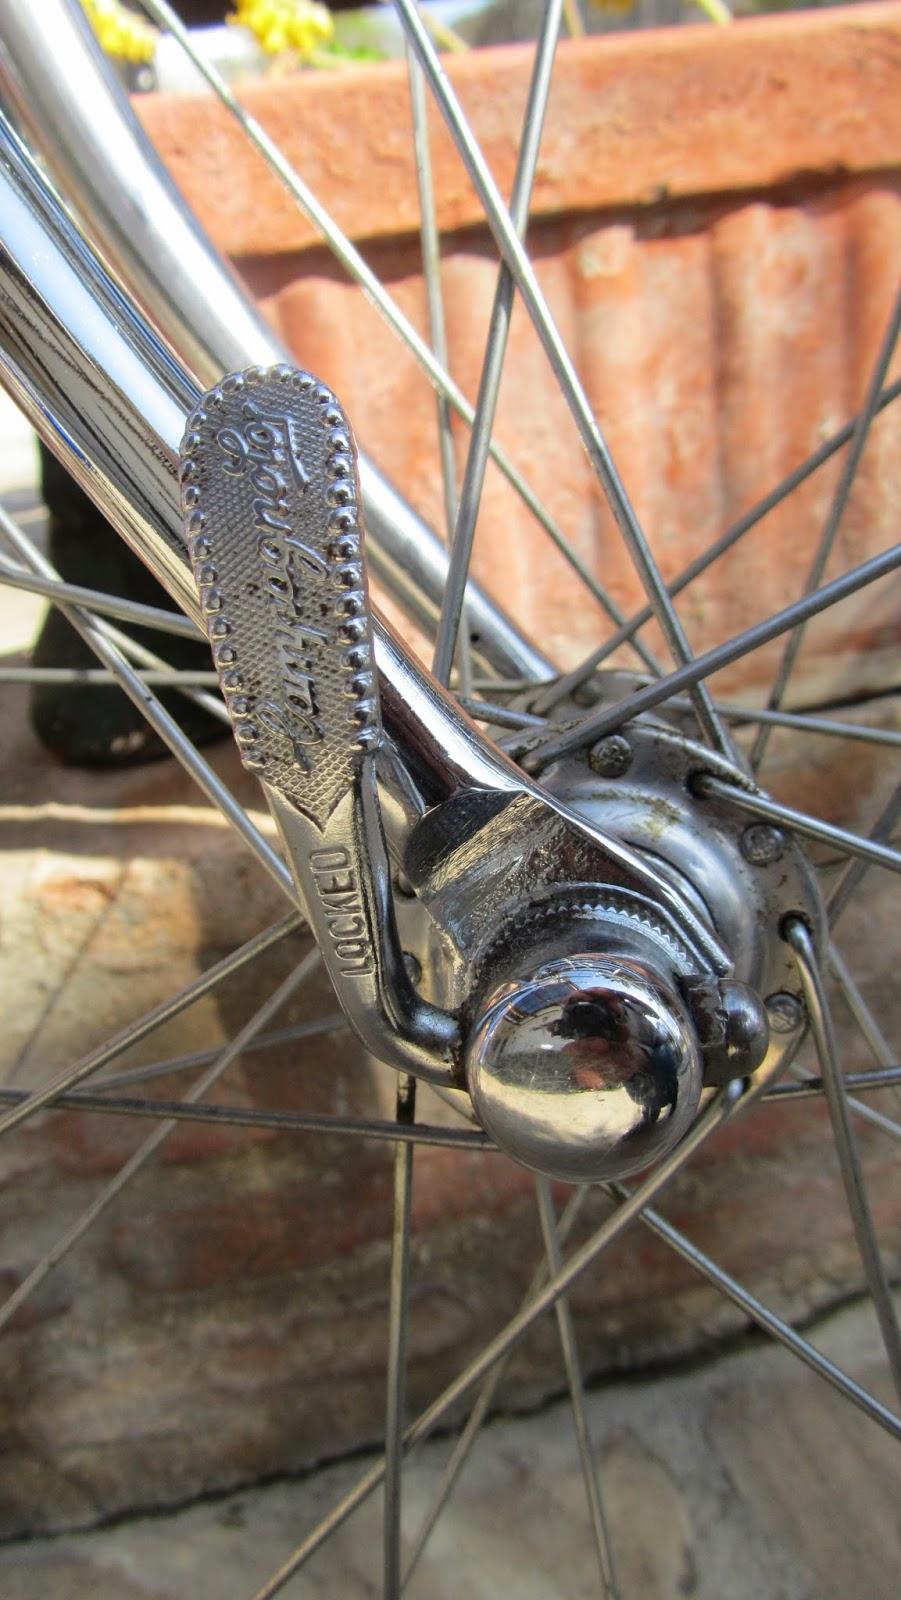 cierre rapido campagnolo bicicleta orbea contrarreloj